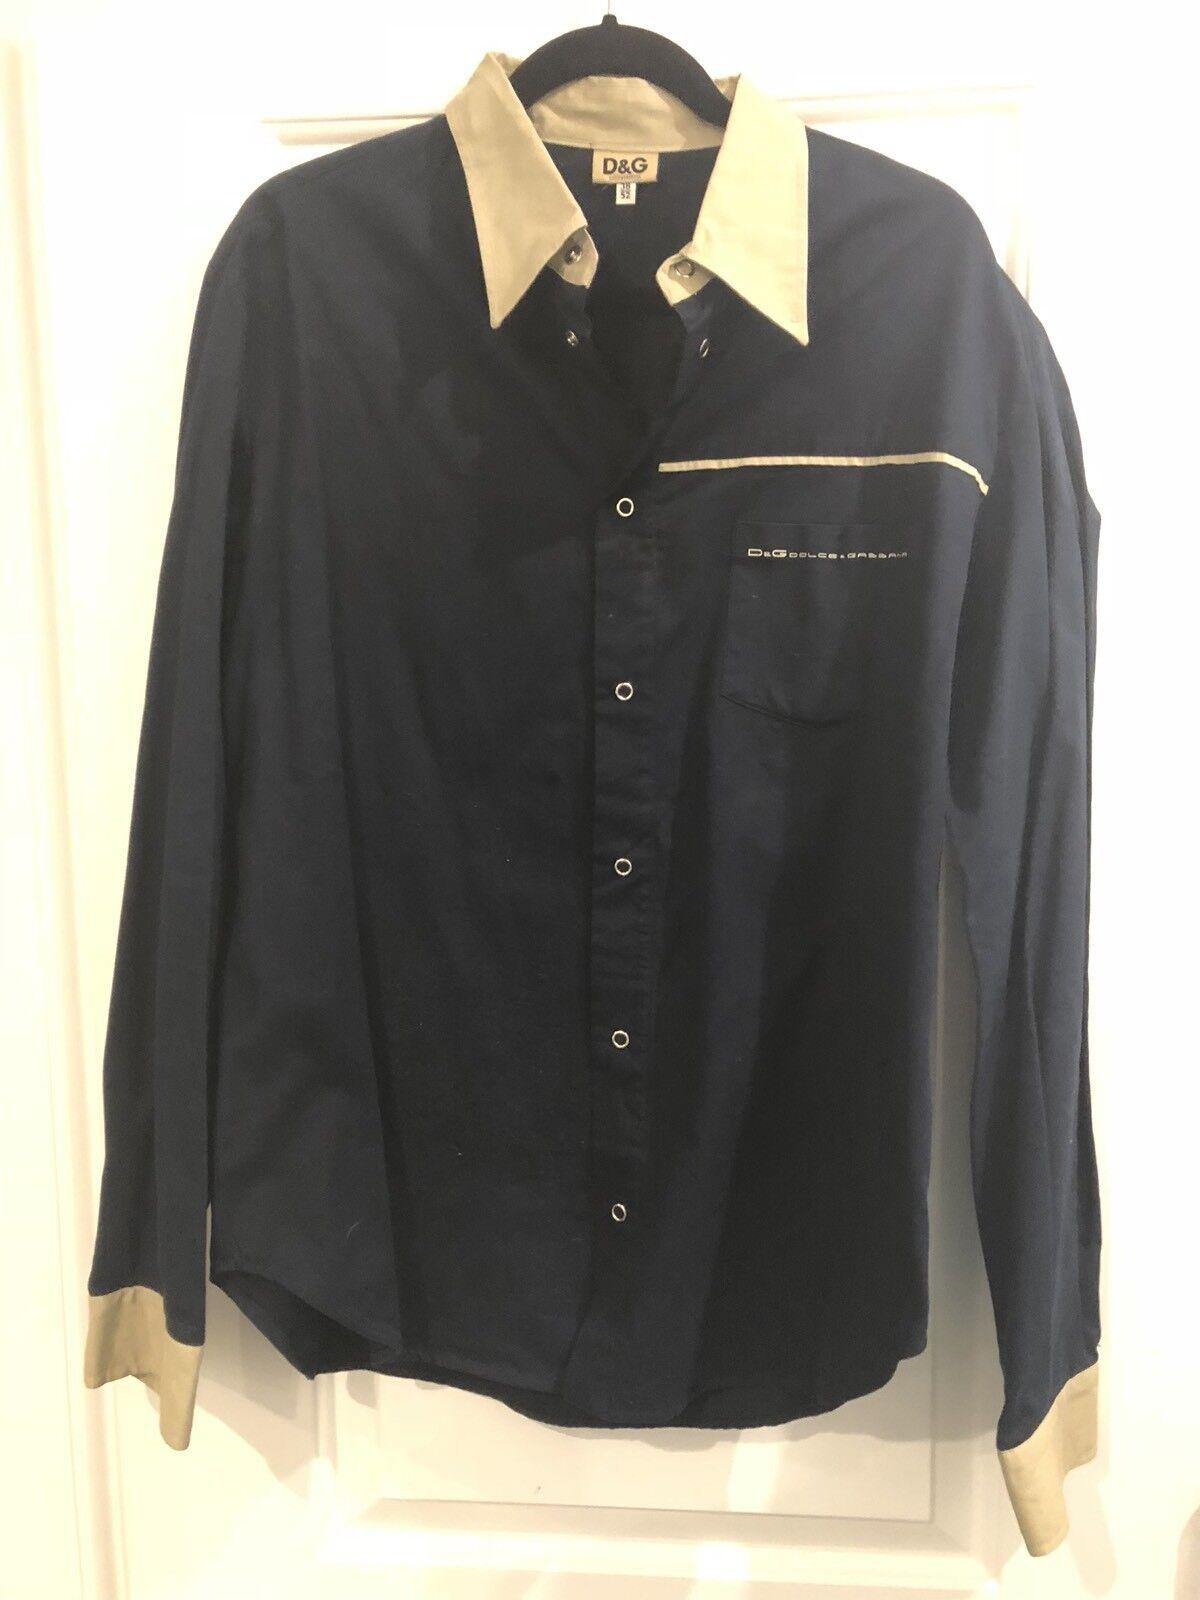 Men's D & G Dolce and Gabana button down shirt Navy Blau Beige Collar Cuff 38/52